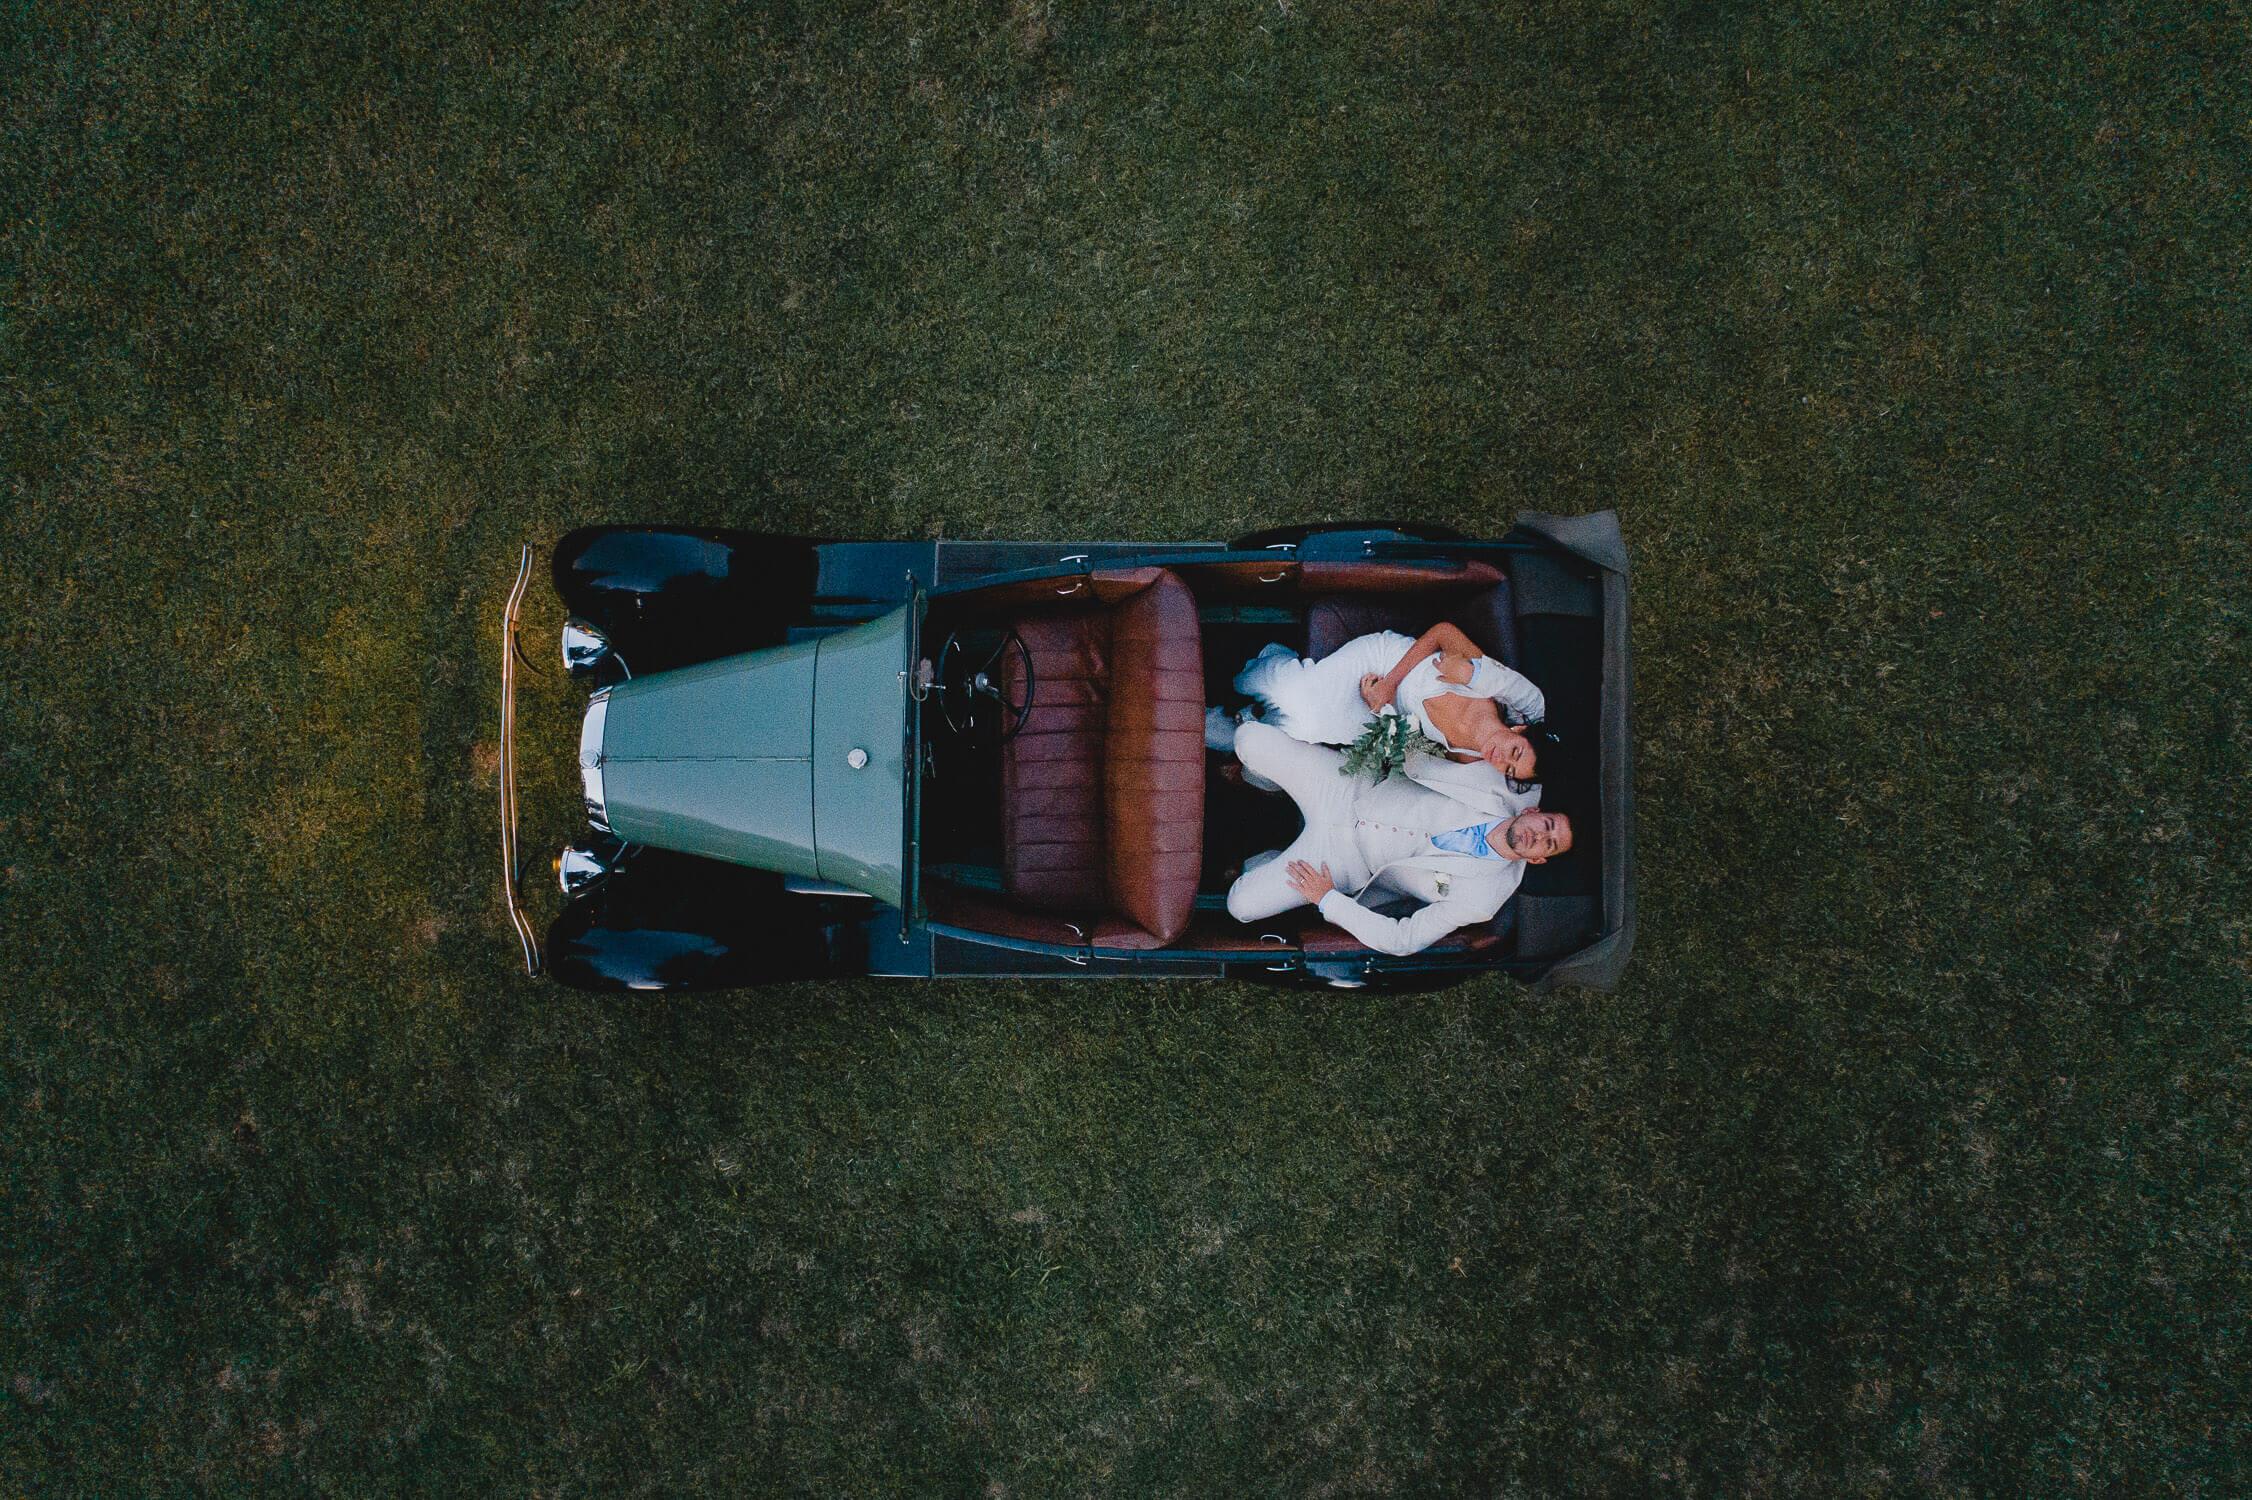 fotoreportaje-de-boda-estancia-santo-domingo